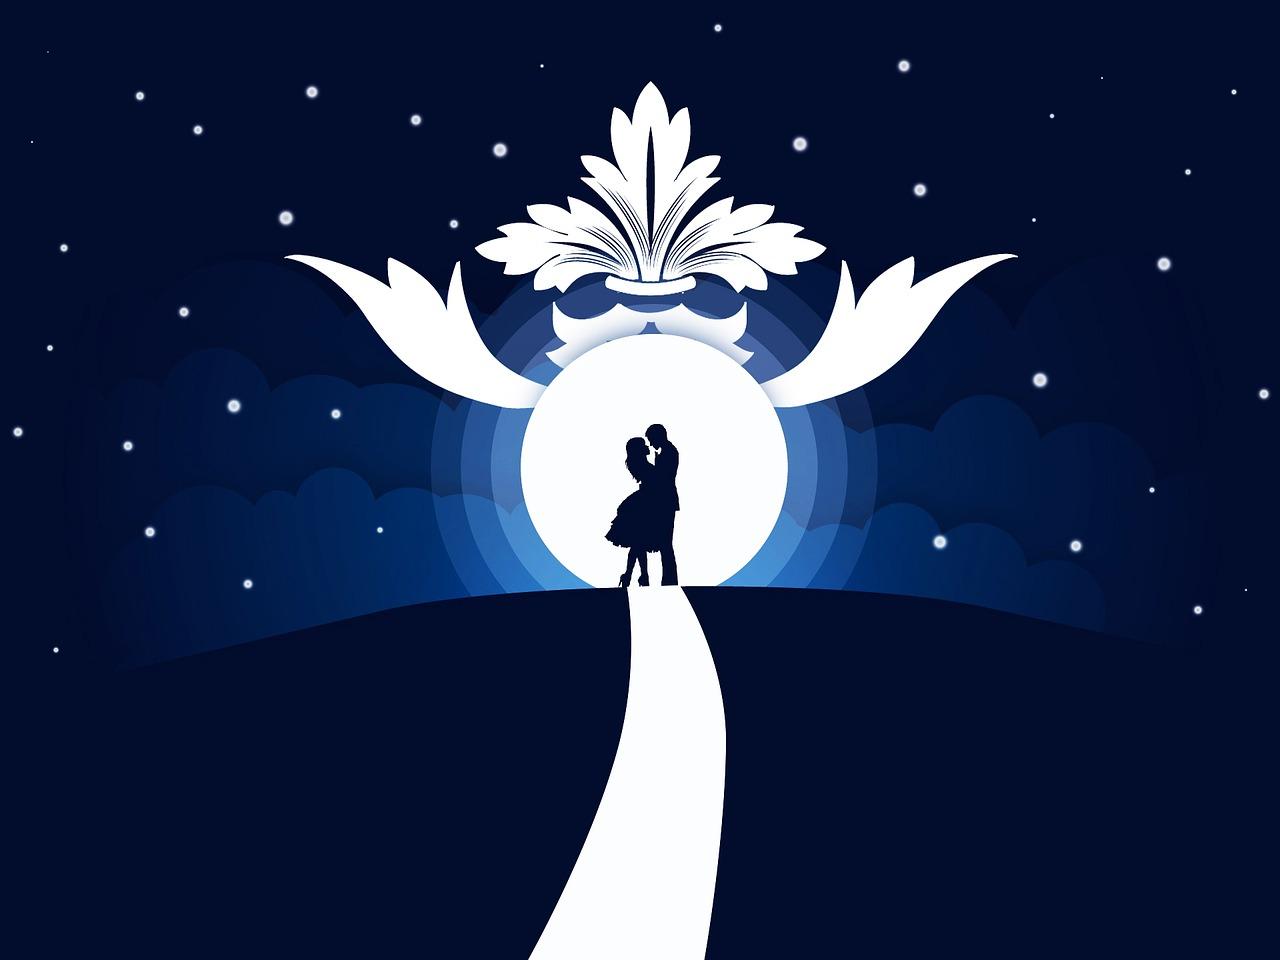 57 ಪ್ರೆಮವಿರಹ ಗೀತೆಗಳು - Sad Love Poems in Kannada